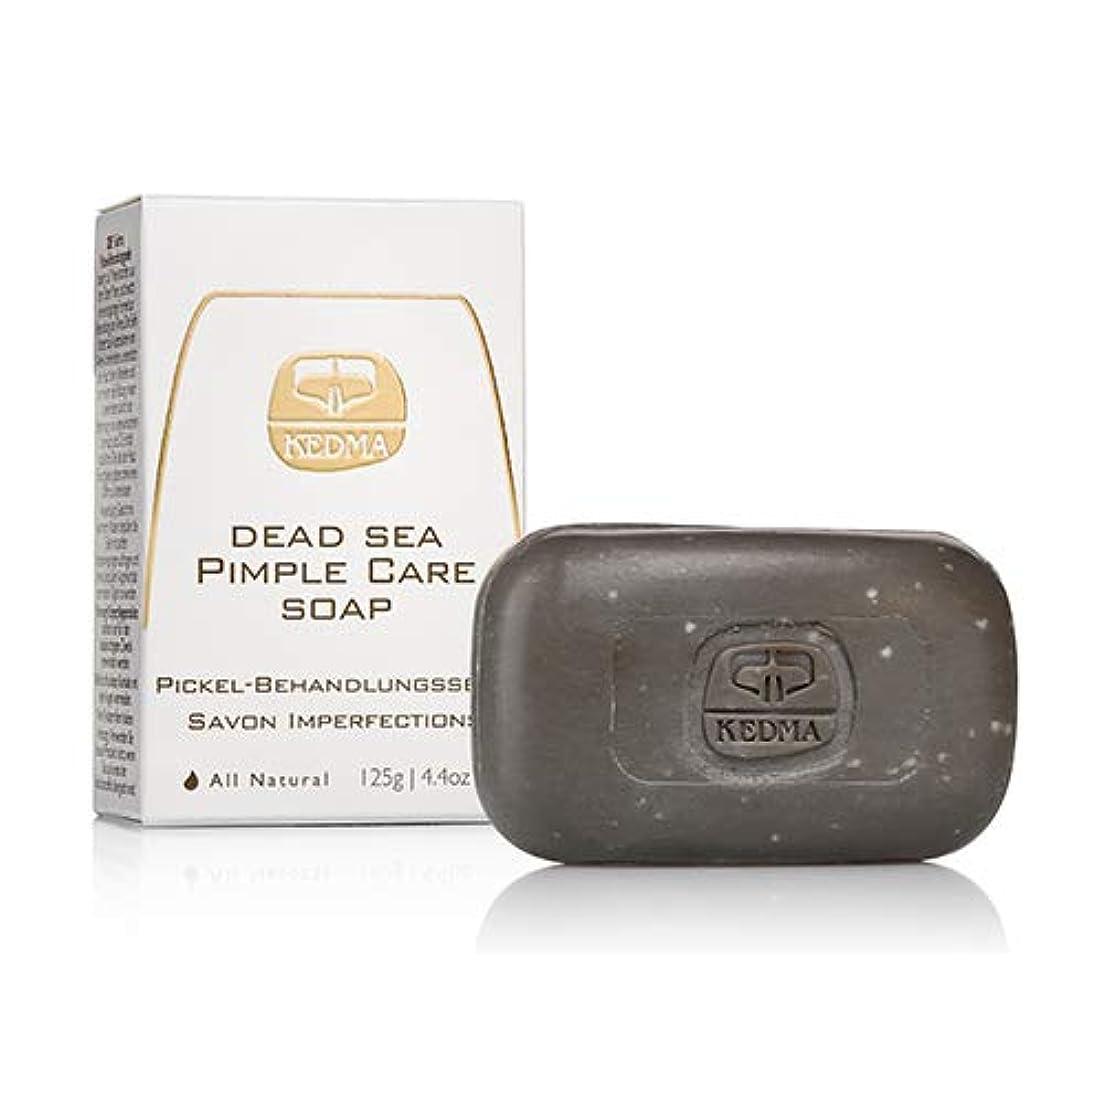 鉛次へ十【日本初上陸/正規代理店】KEDMA死海のミネラル石鹸 死海ピンプルケアソープ 125g